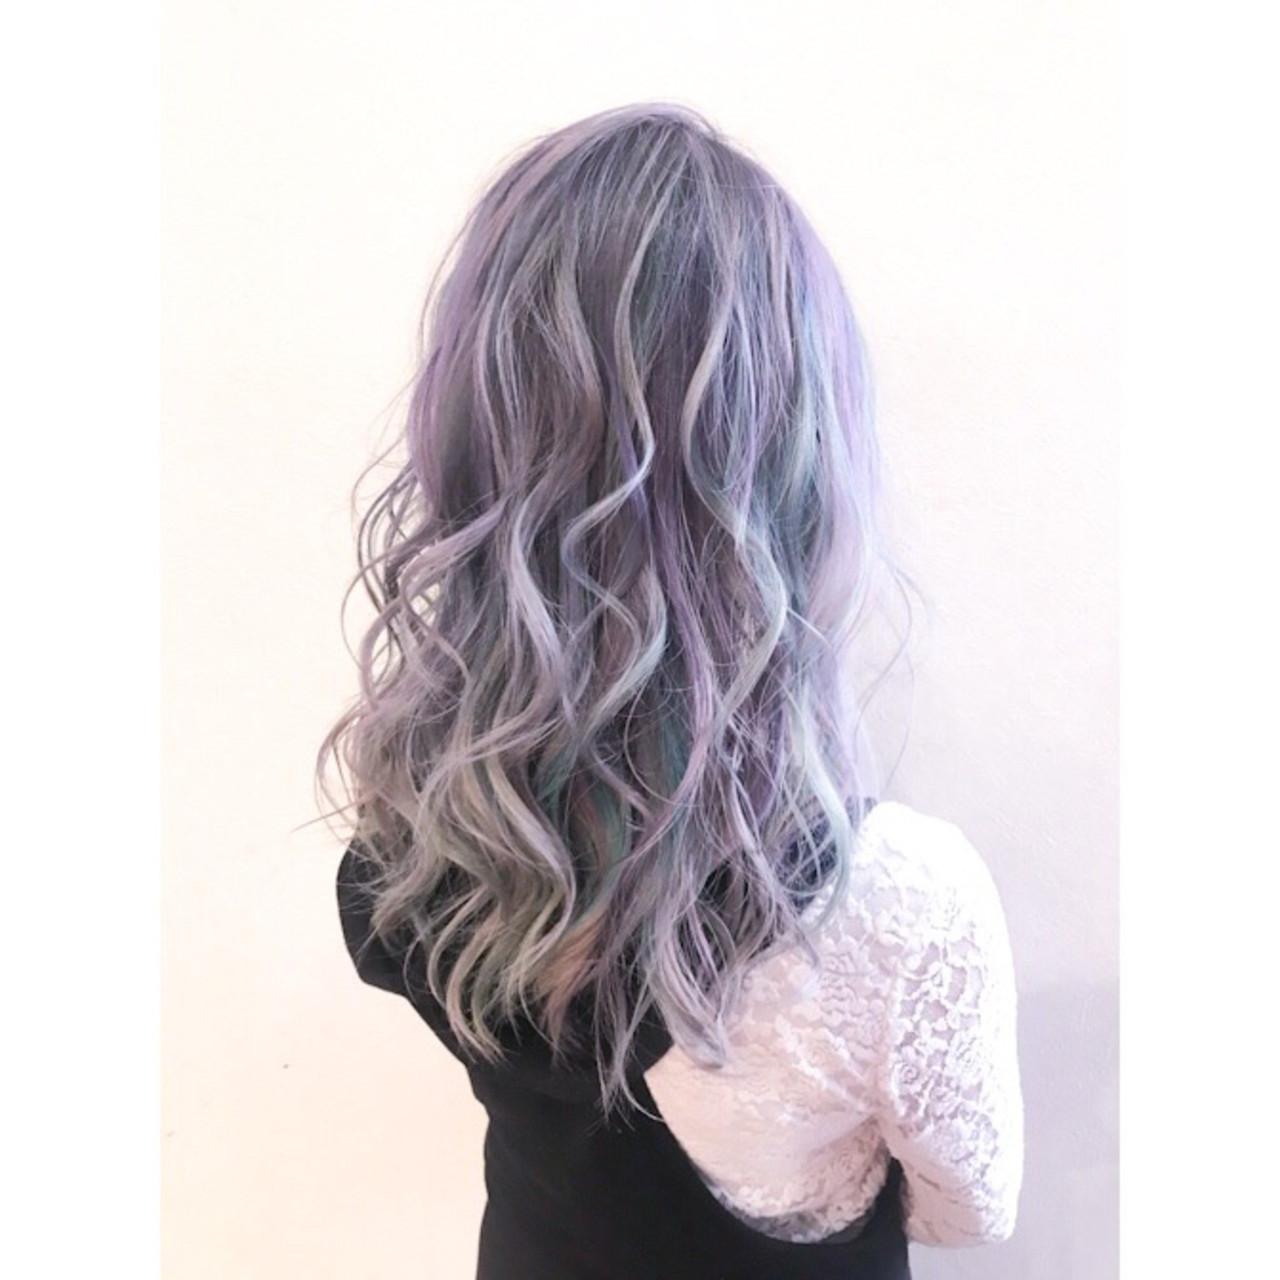 オーロラカラー ブリーチカラー ユニコーンカラー ロング ヘアスタイルや髪型の写真・画像